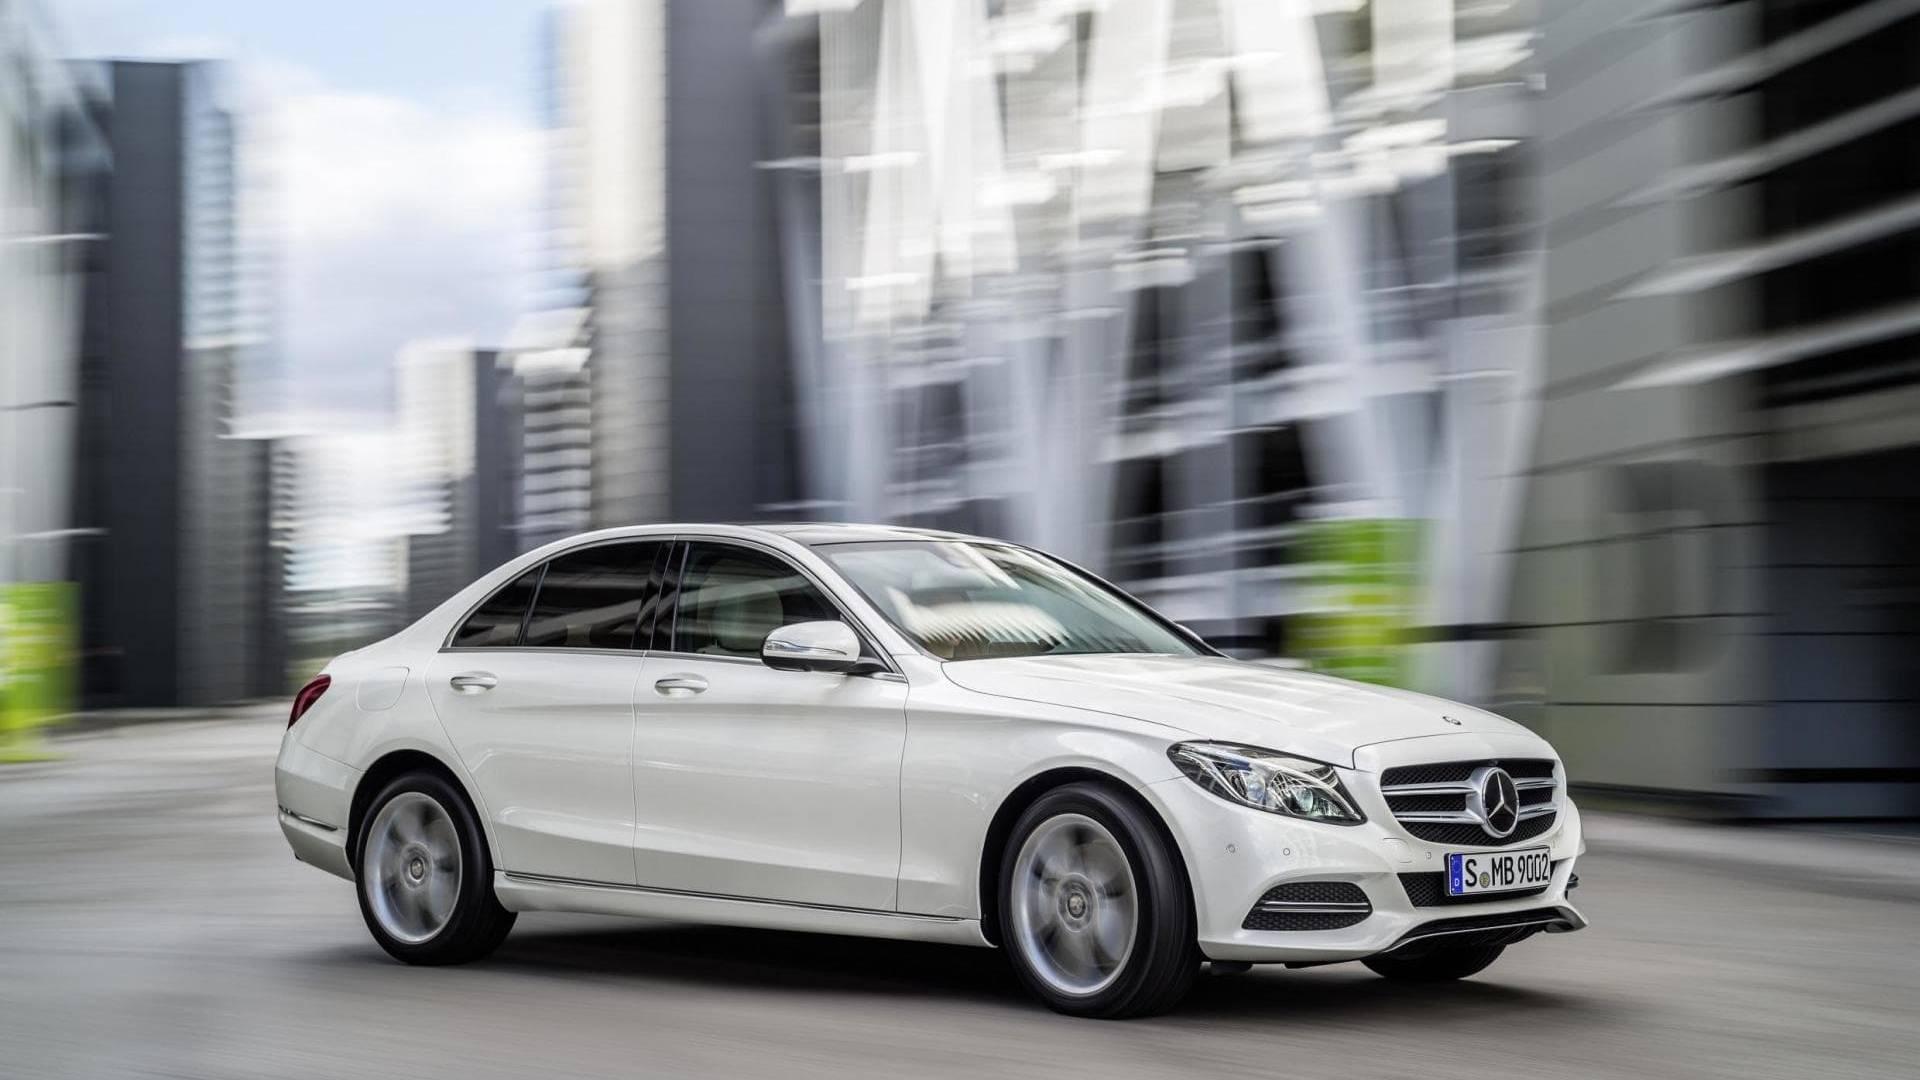 Mercedes clase c precios prueba ficha t cnica fotos y for Mercedes benz clase c 2017 precio